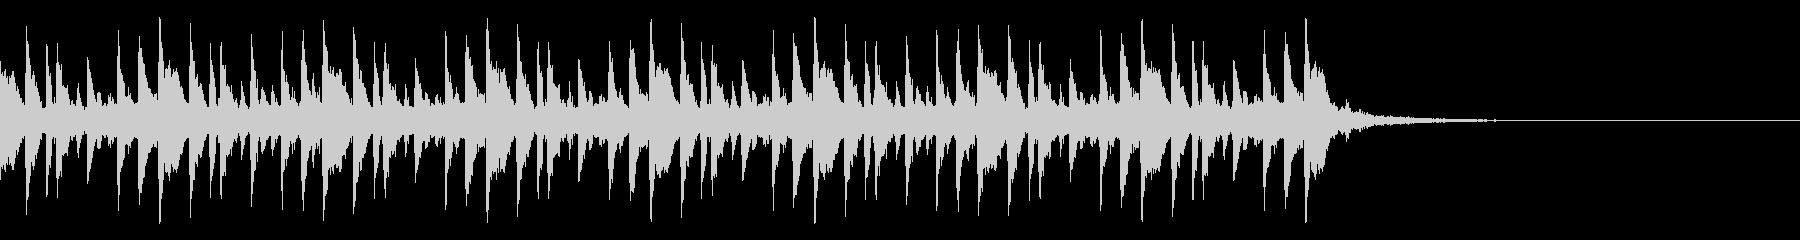 パーラッラーパーラッ…(オープニング)の未再生の波形